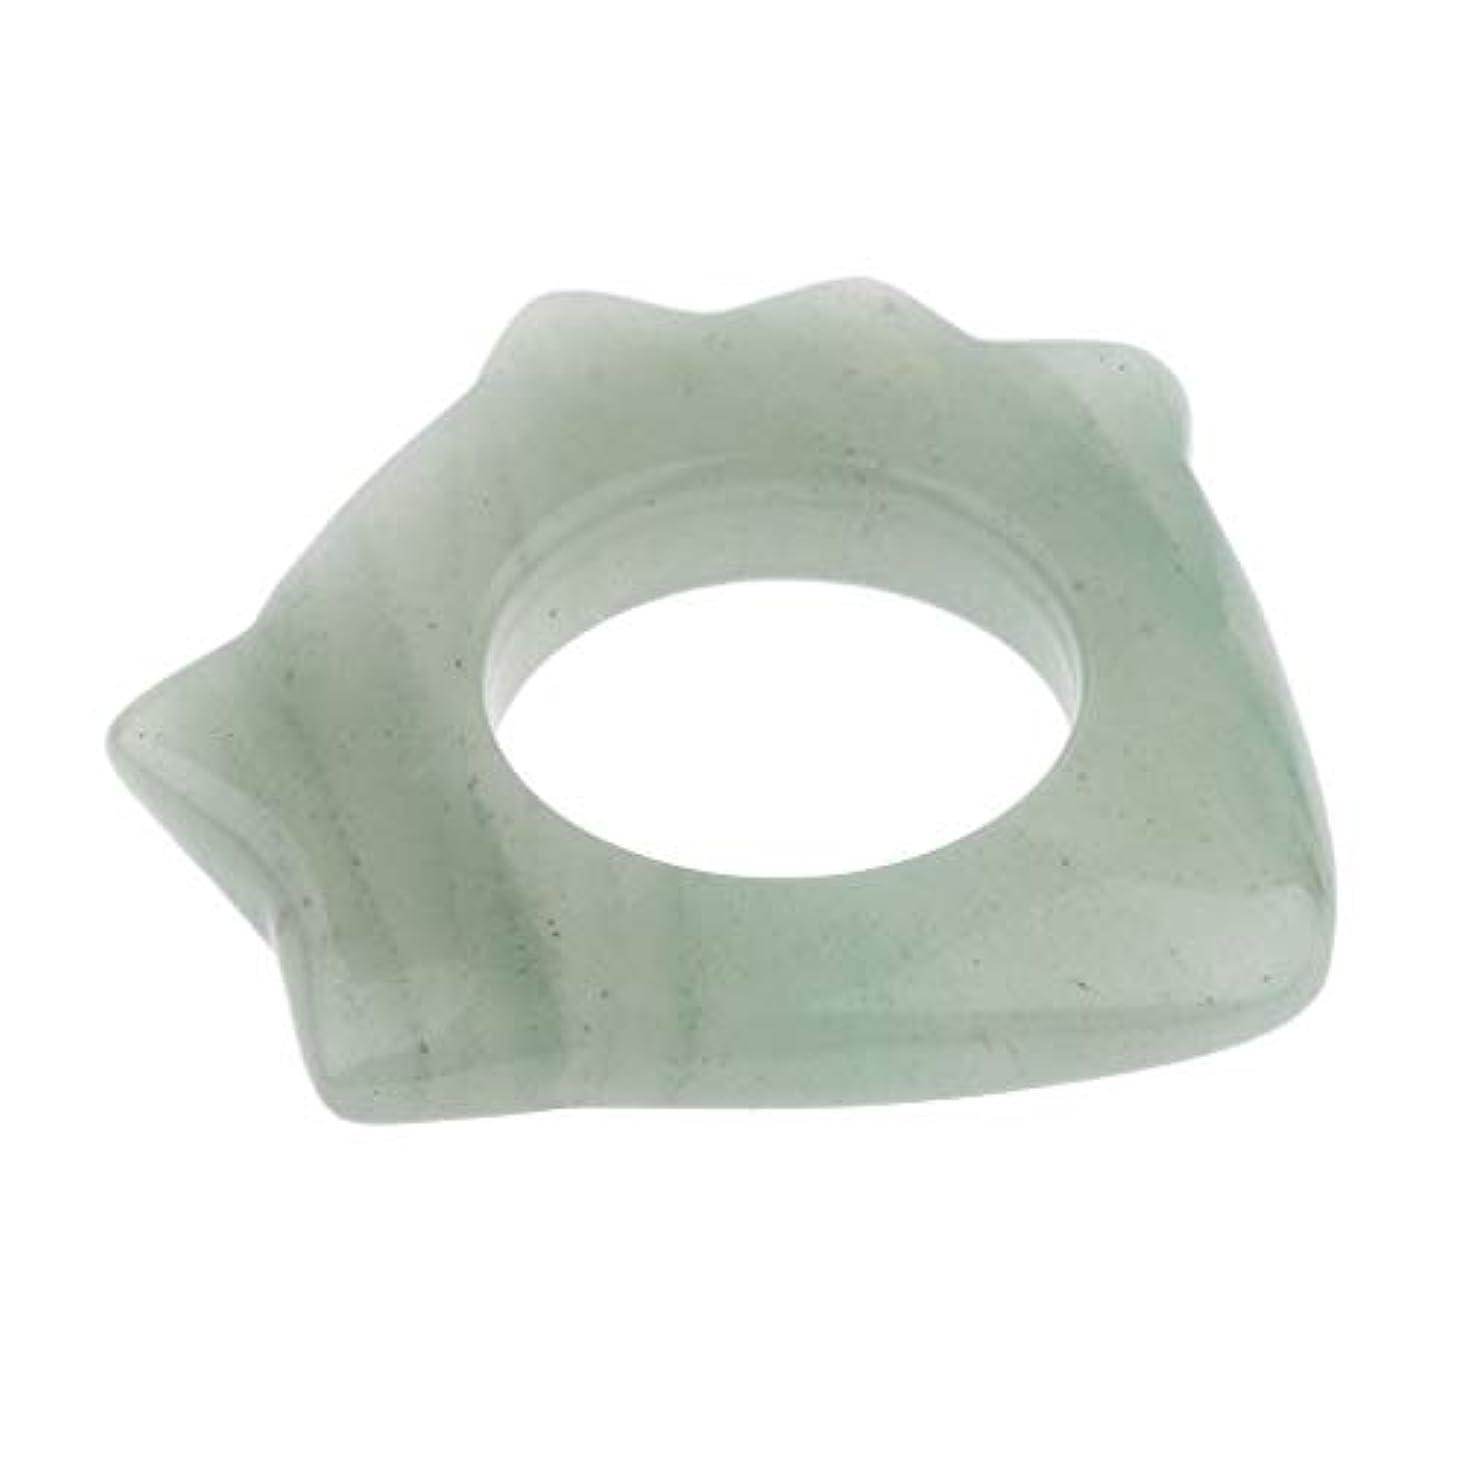 頬骨アルミニウム毒液かっさプレート 高品質 天然翡翠 使いやすい 顔 ボディ マッサージ 滑らか 健康 贈り物 5種選ぶ - 1